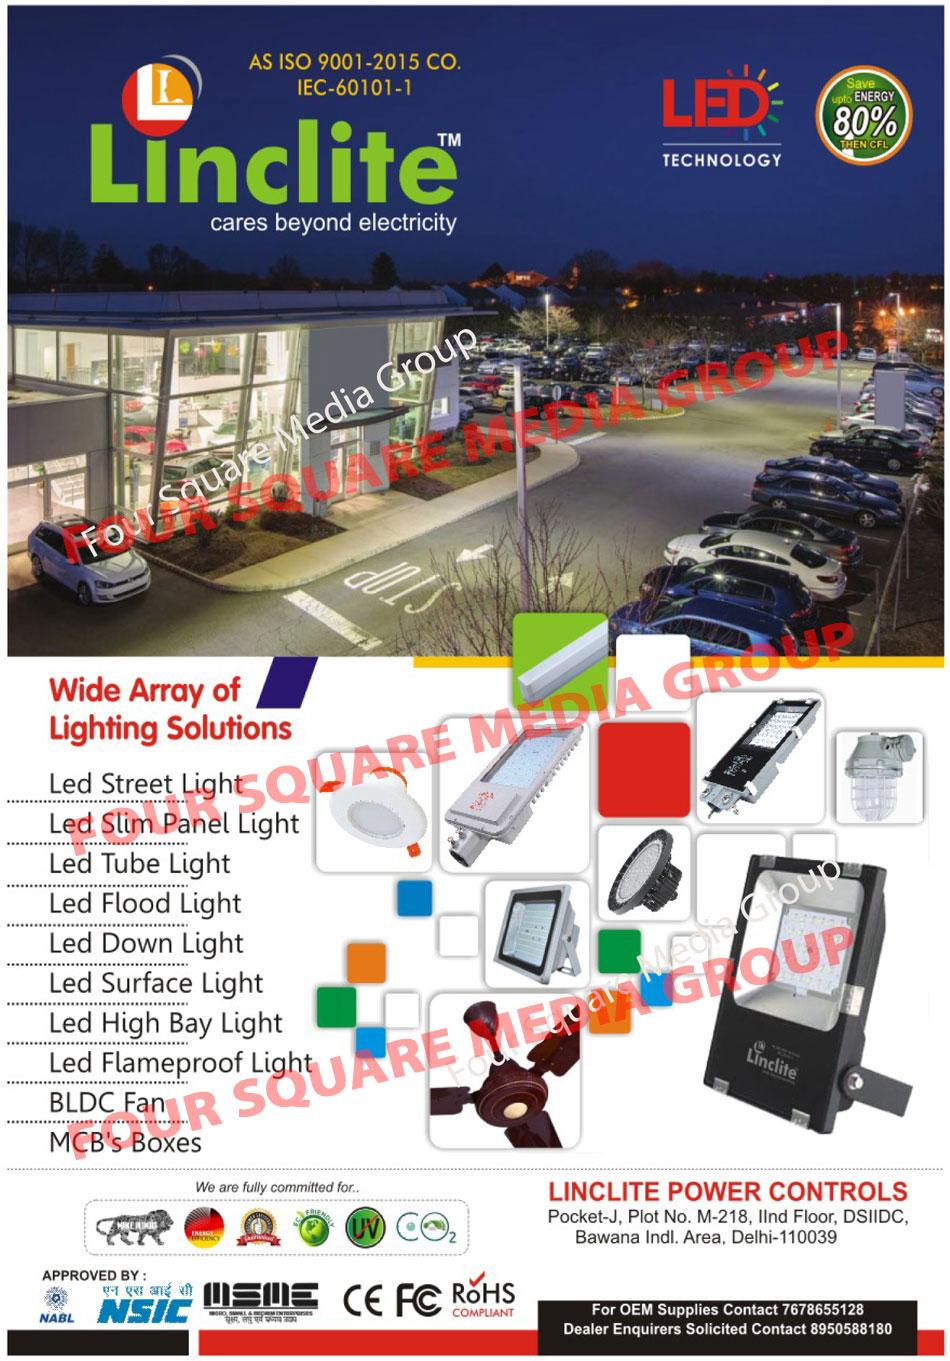 Led Lights, Led Street Lights, Led Slim Panel Lights, Slim Led Panel Lights, Led Tube Lights, Led Flood Lights, Led Down Lights, Led Surface Lights, Led High Bay Lights, Led Flameproof Lights, BLDC Fans, MCB Boxes